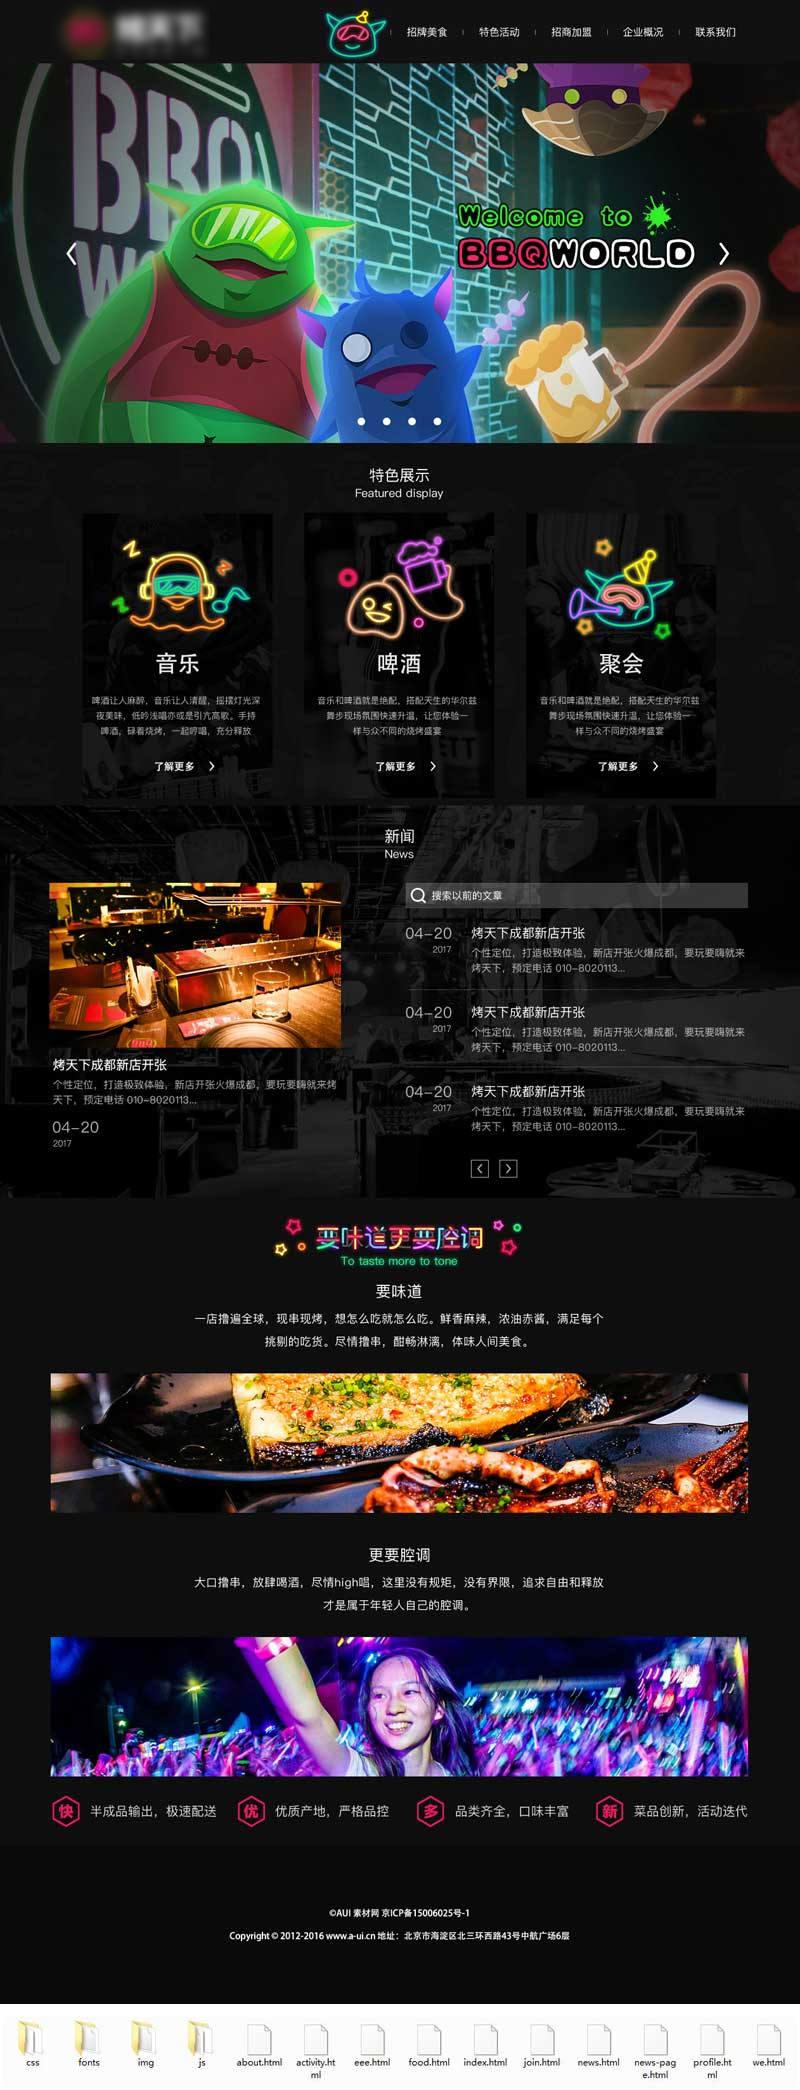 黑色创意的烧烤加盟网站响应式布局模板html源码